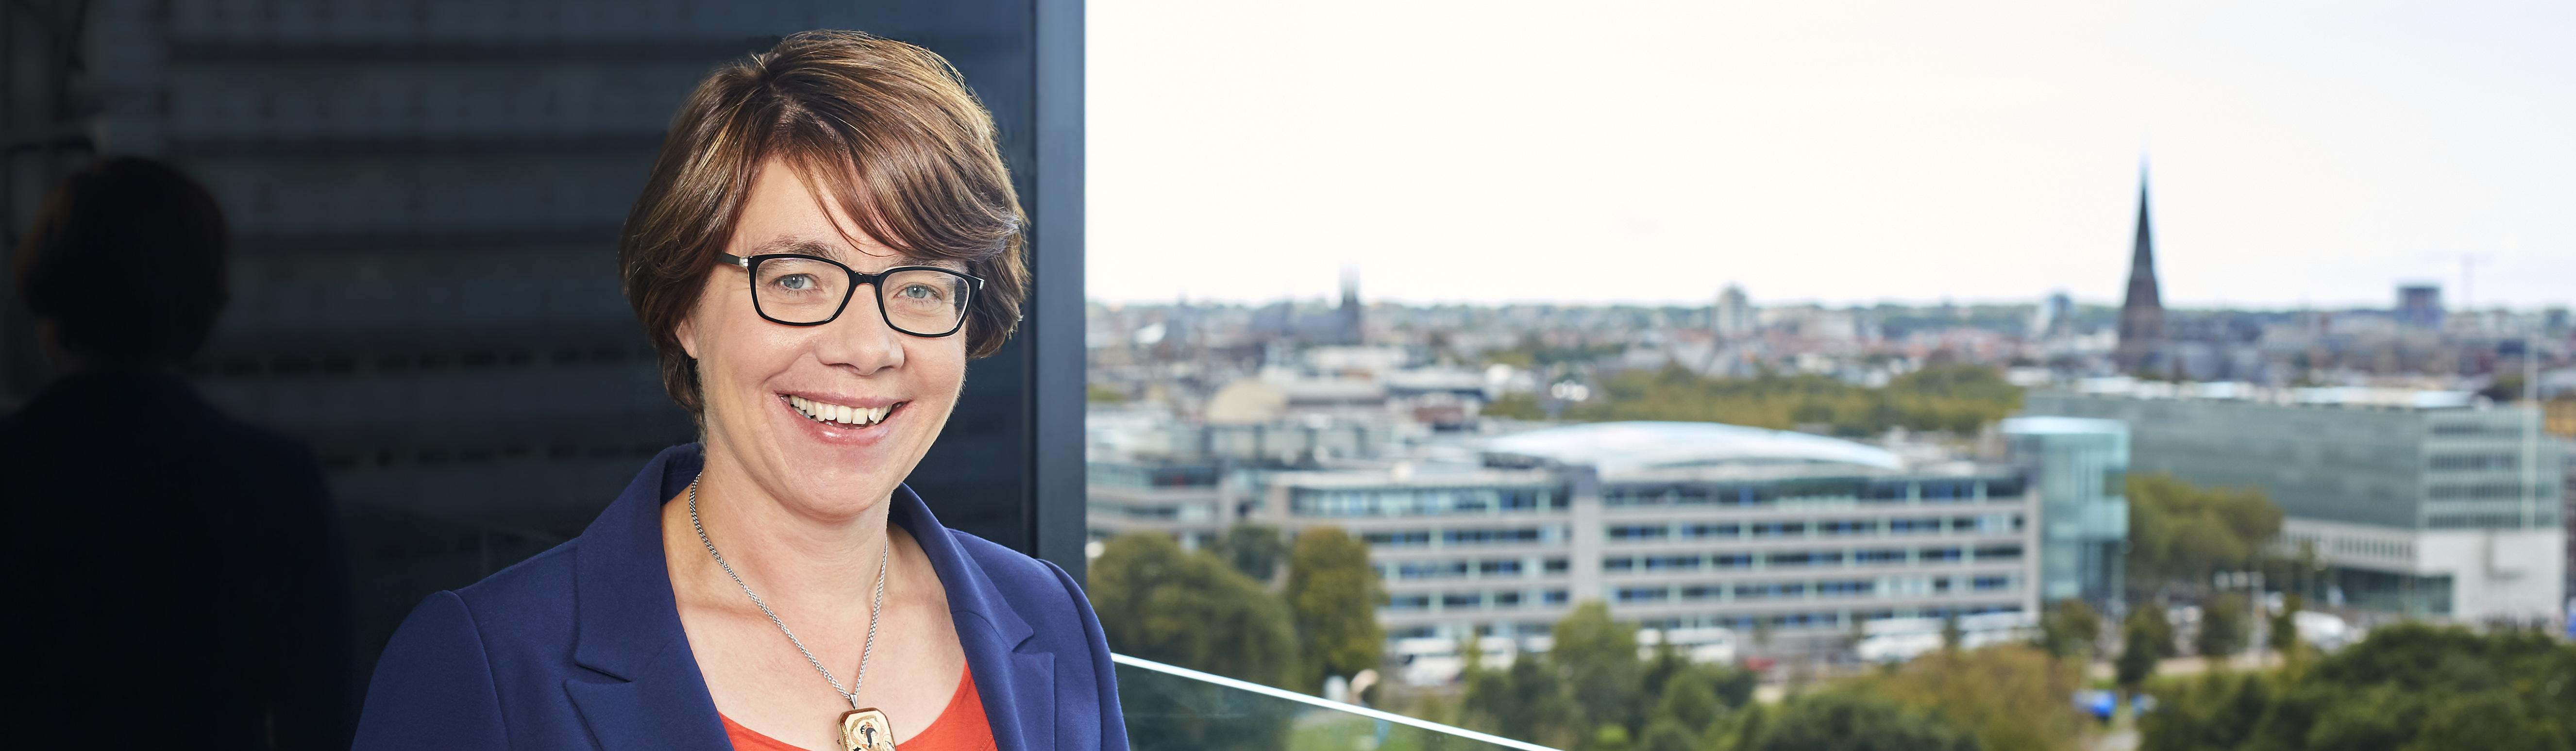 Jannetje Bootsma, advocaat Pels Rijcken